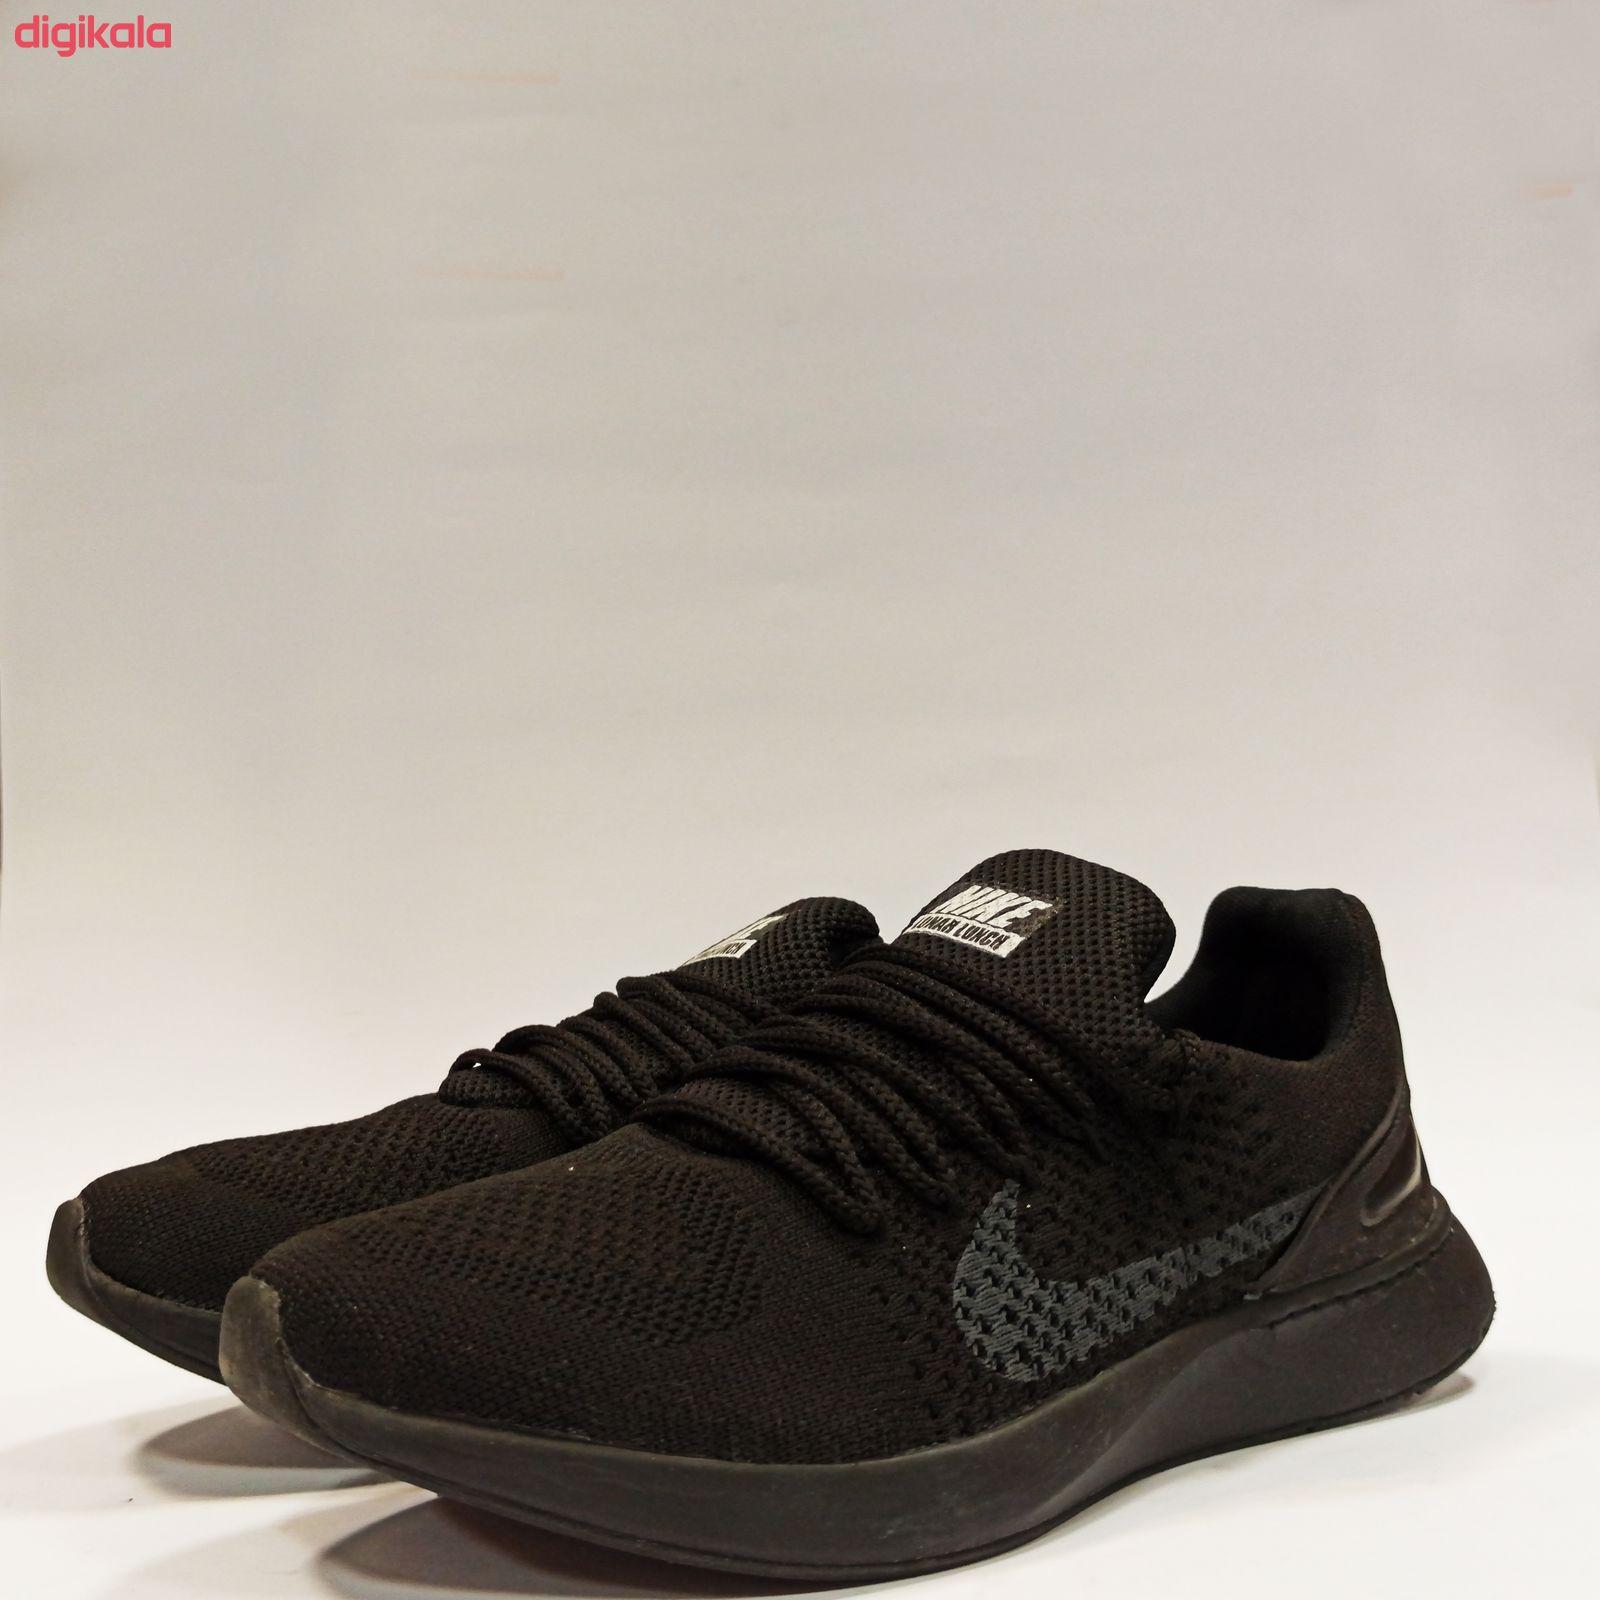 کفش پیاده روی مردانه مدل RC1 main 1 2